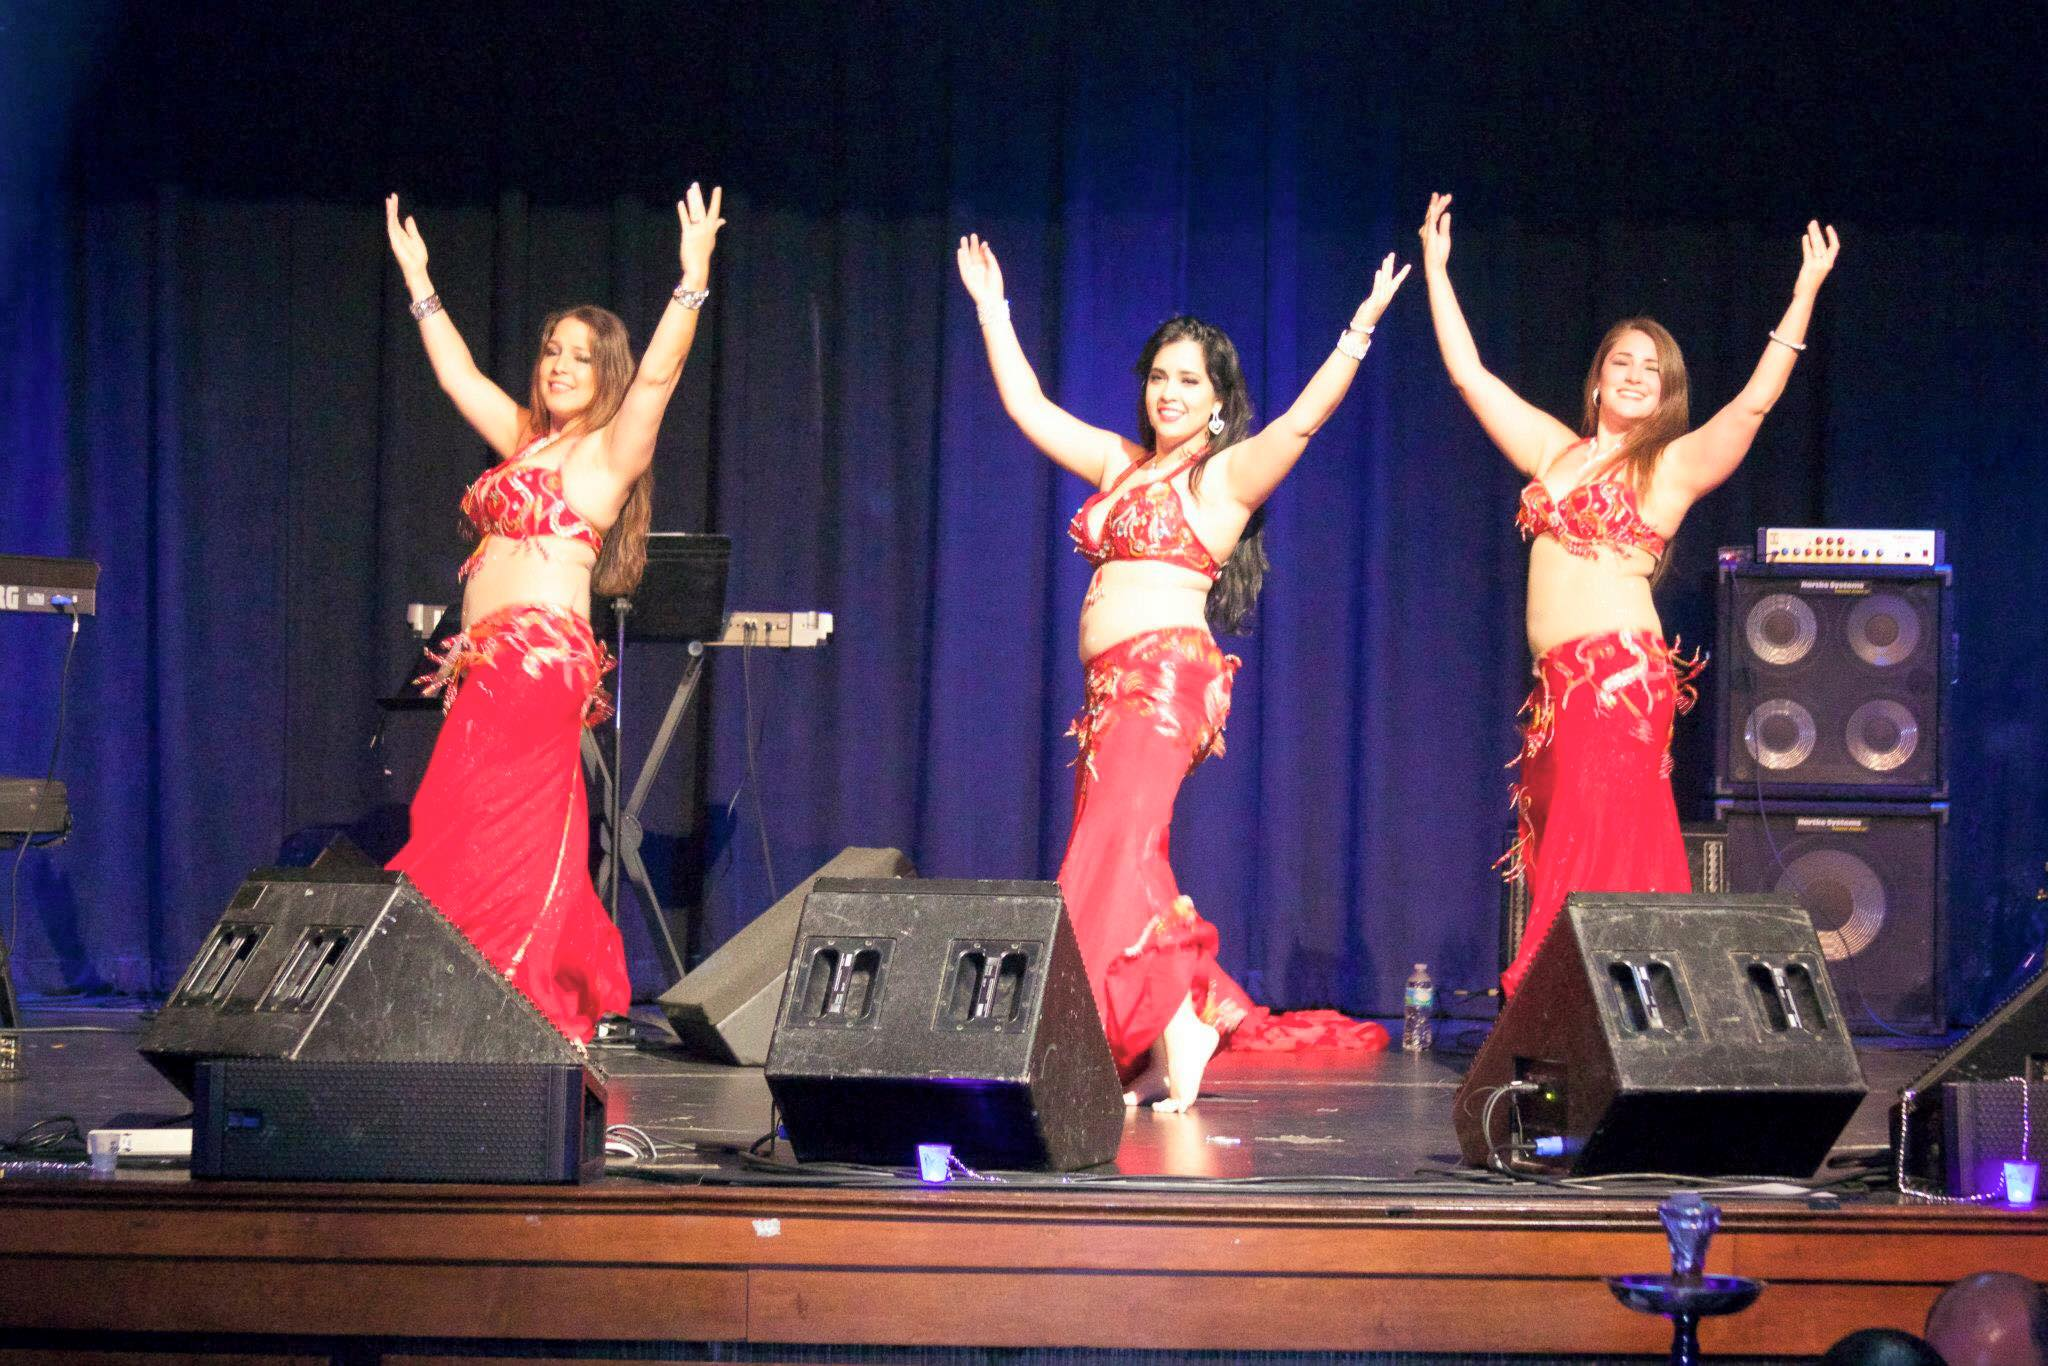 Opening for the famous Arabic singer Najwa Karam